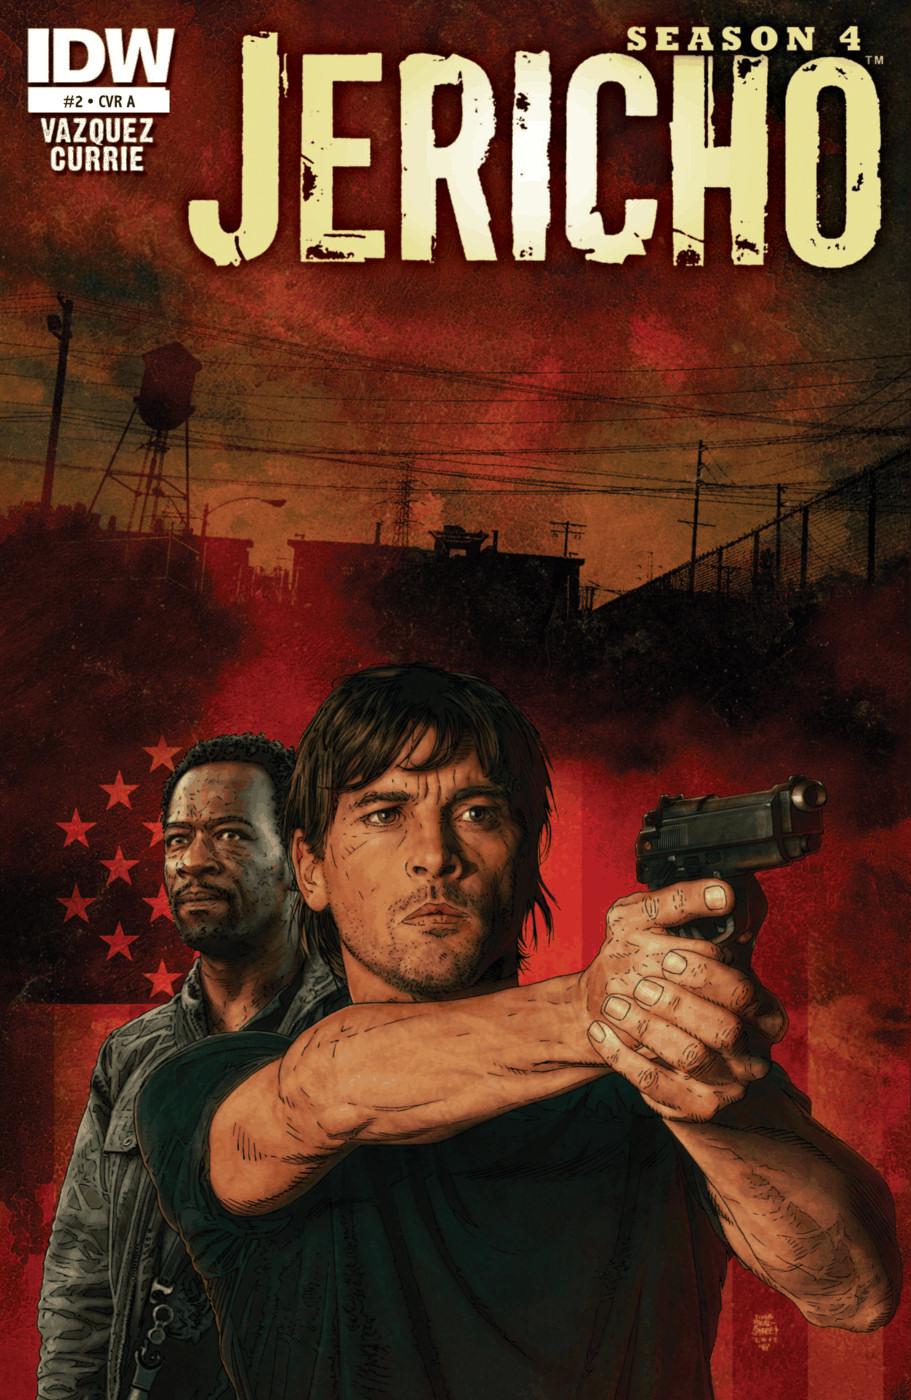 Read online Jericho Season 4 comic -  Issue #2 - 1